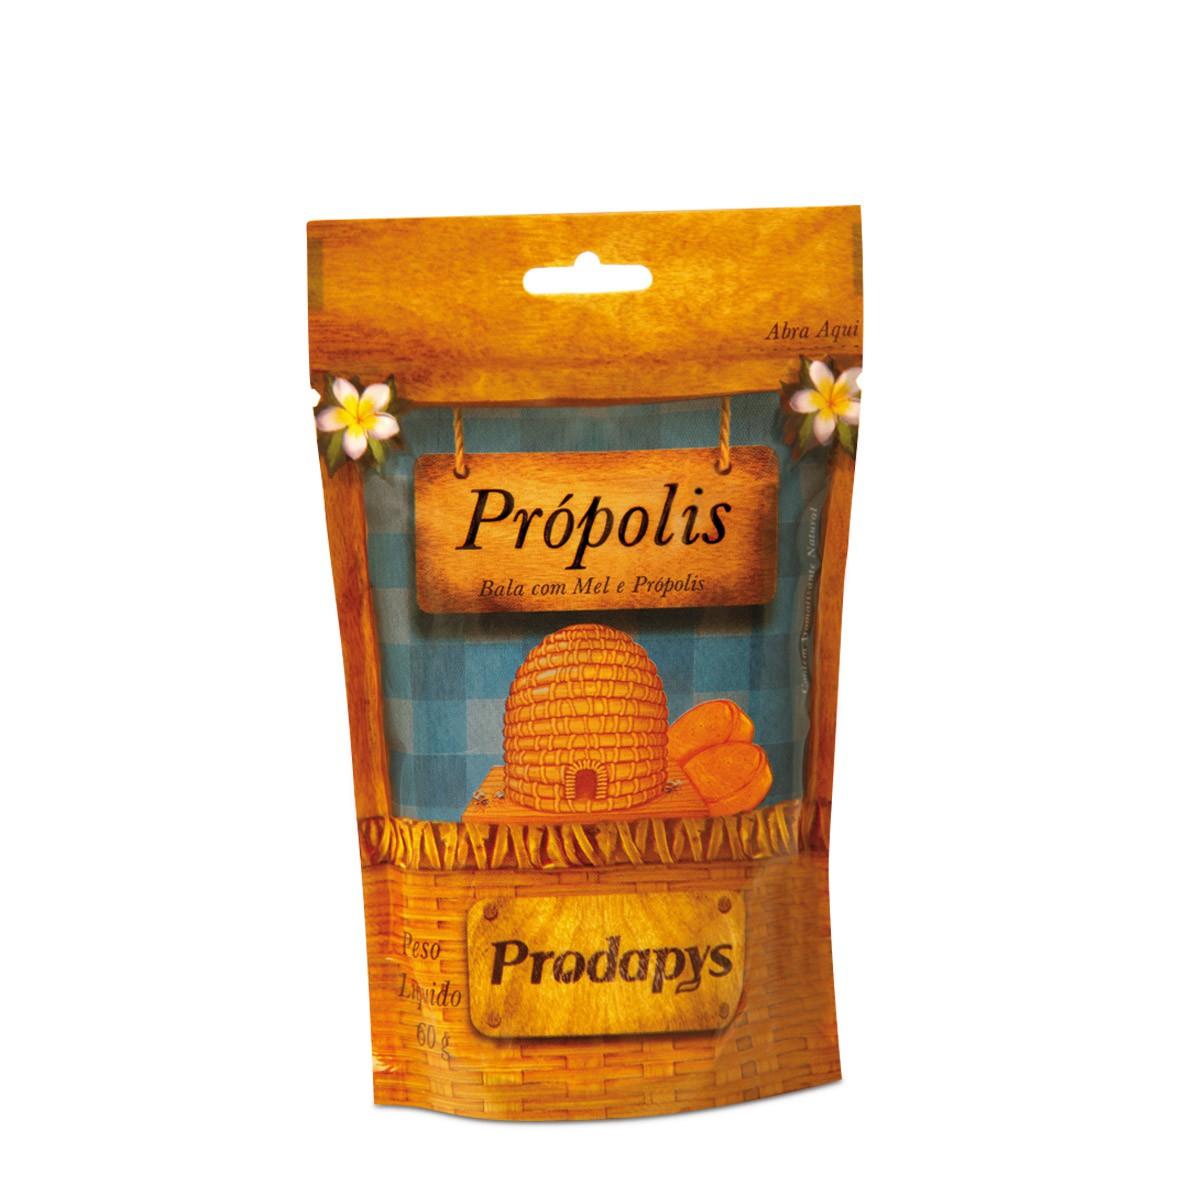 Bala de Mel e Própolis Prodapys 60g